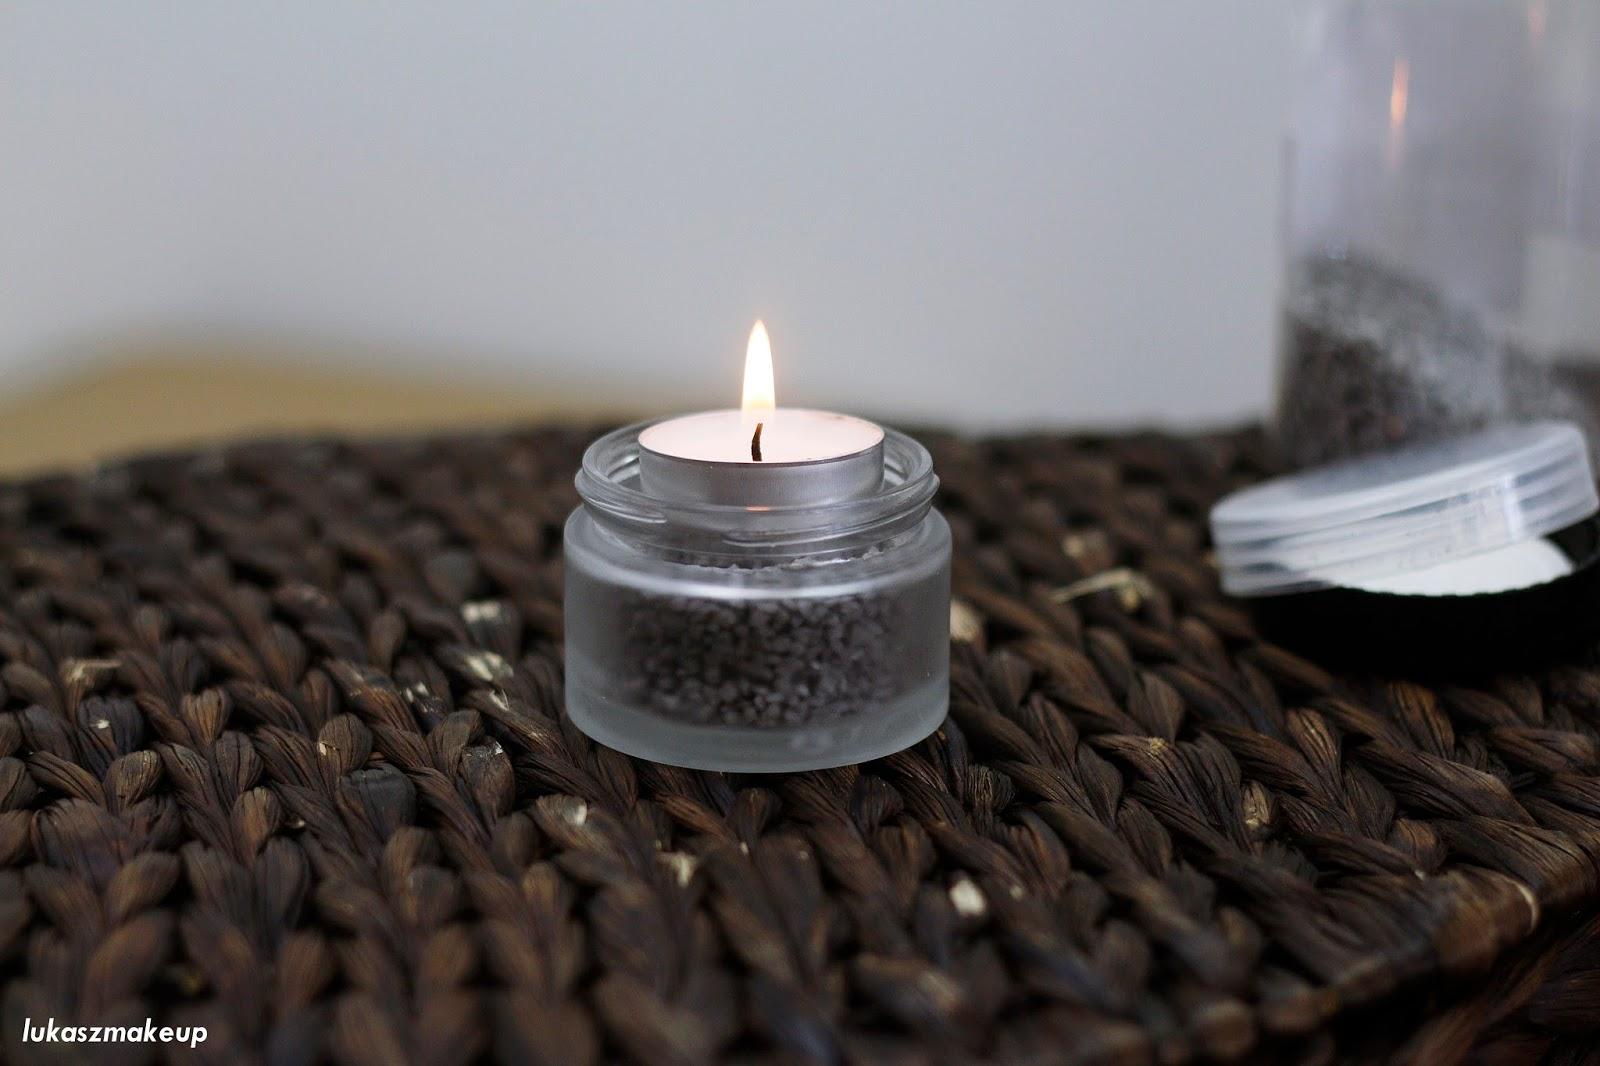 Pomysł na świecznik z opakowania po kremie